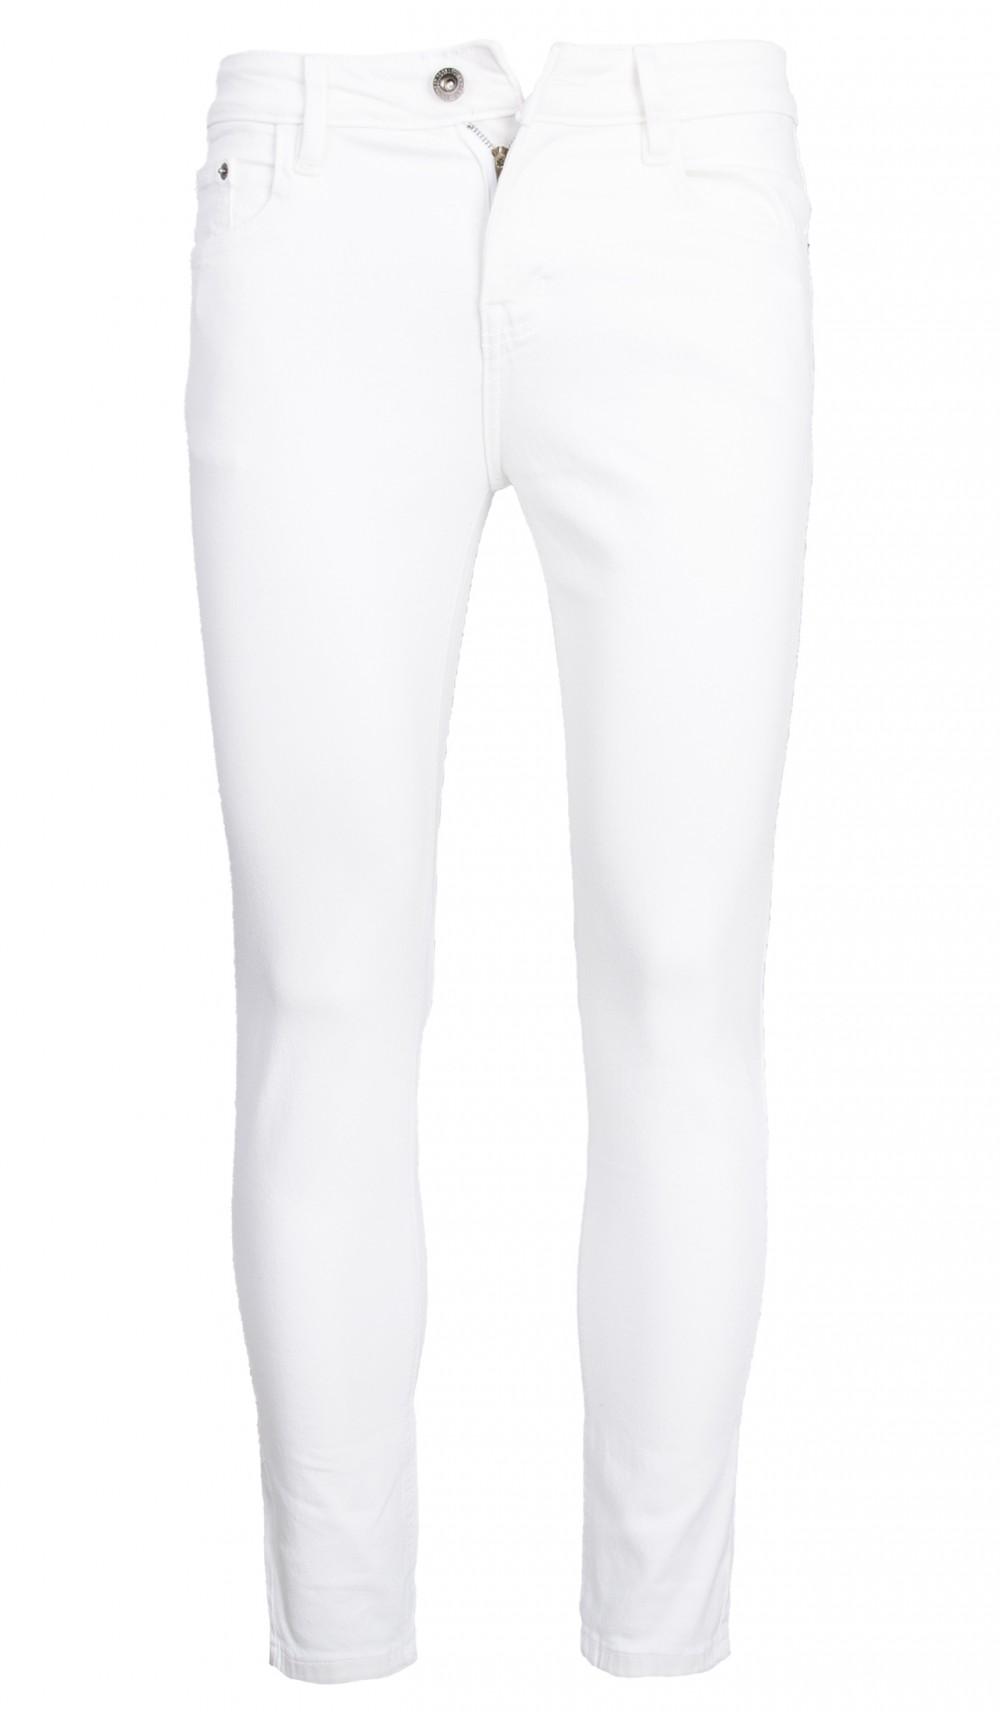 Quần jeans skinny trắng qj1394 - 1